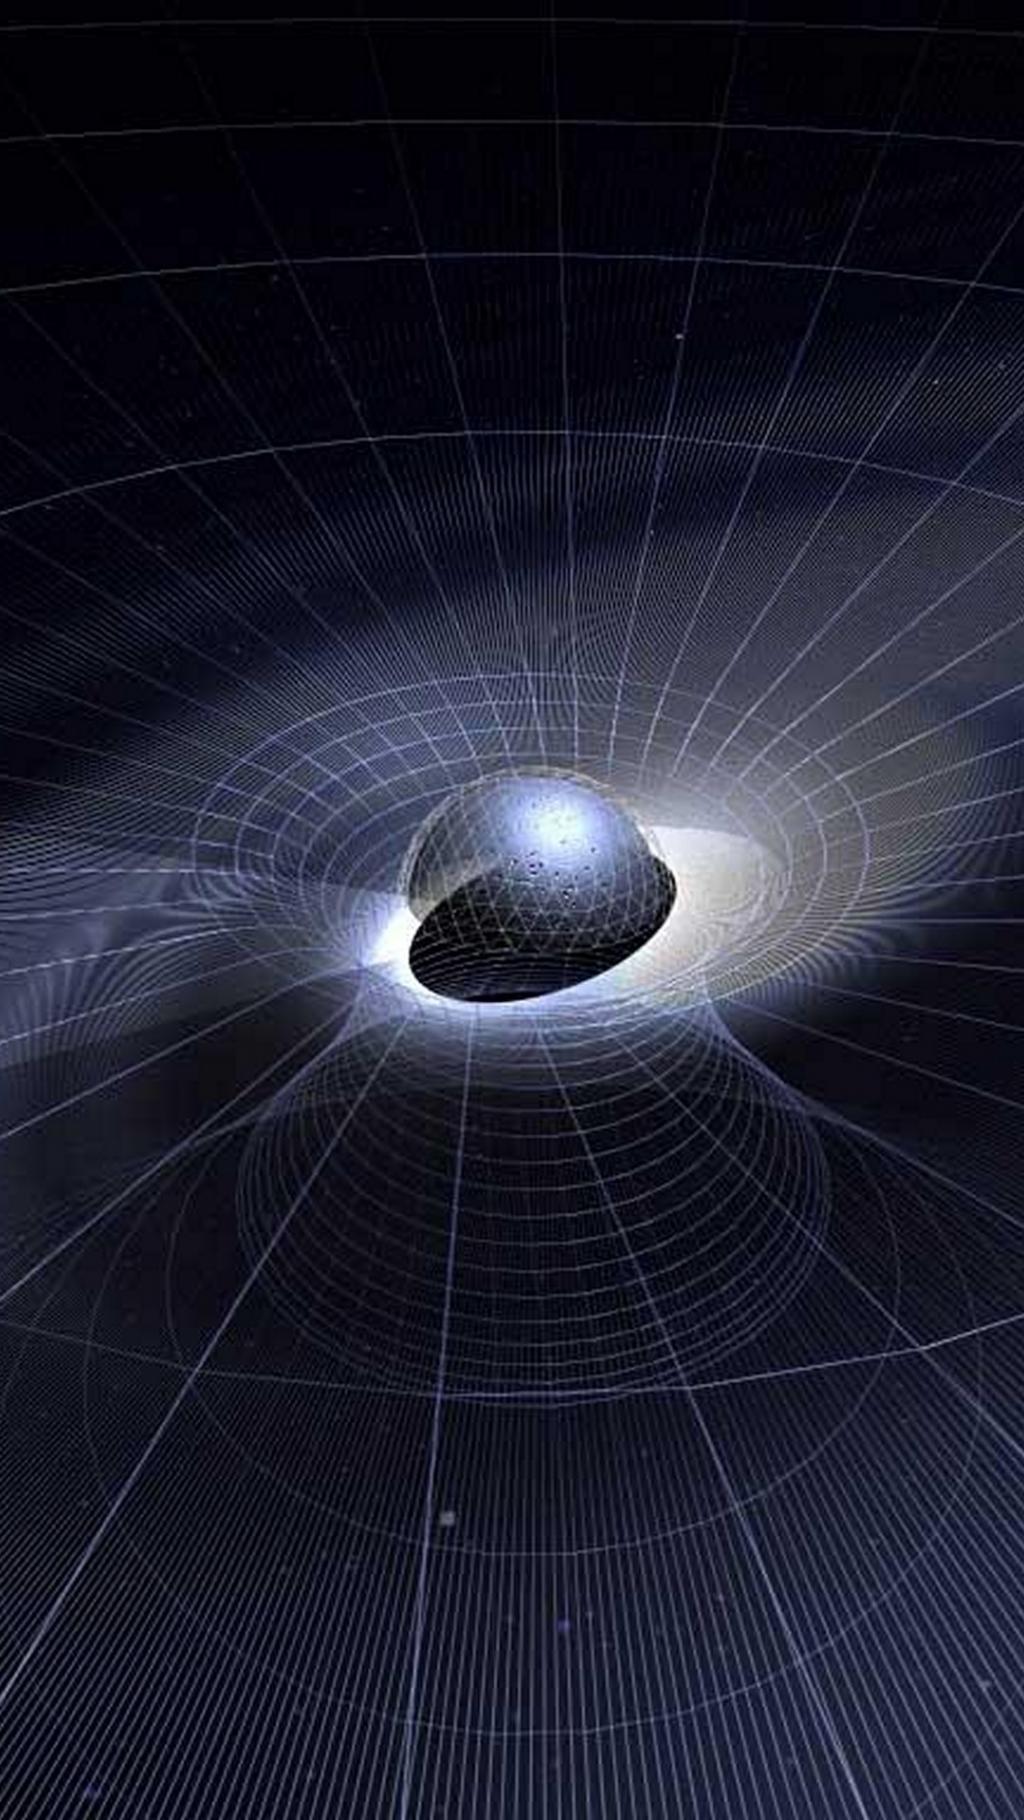 Wallpaper Gravity Falls 黑洞的引力 锁屏图片 高清手机壁纸 回车桌面